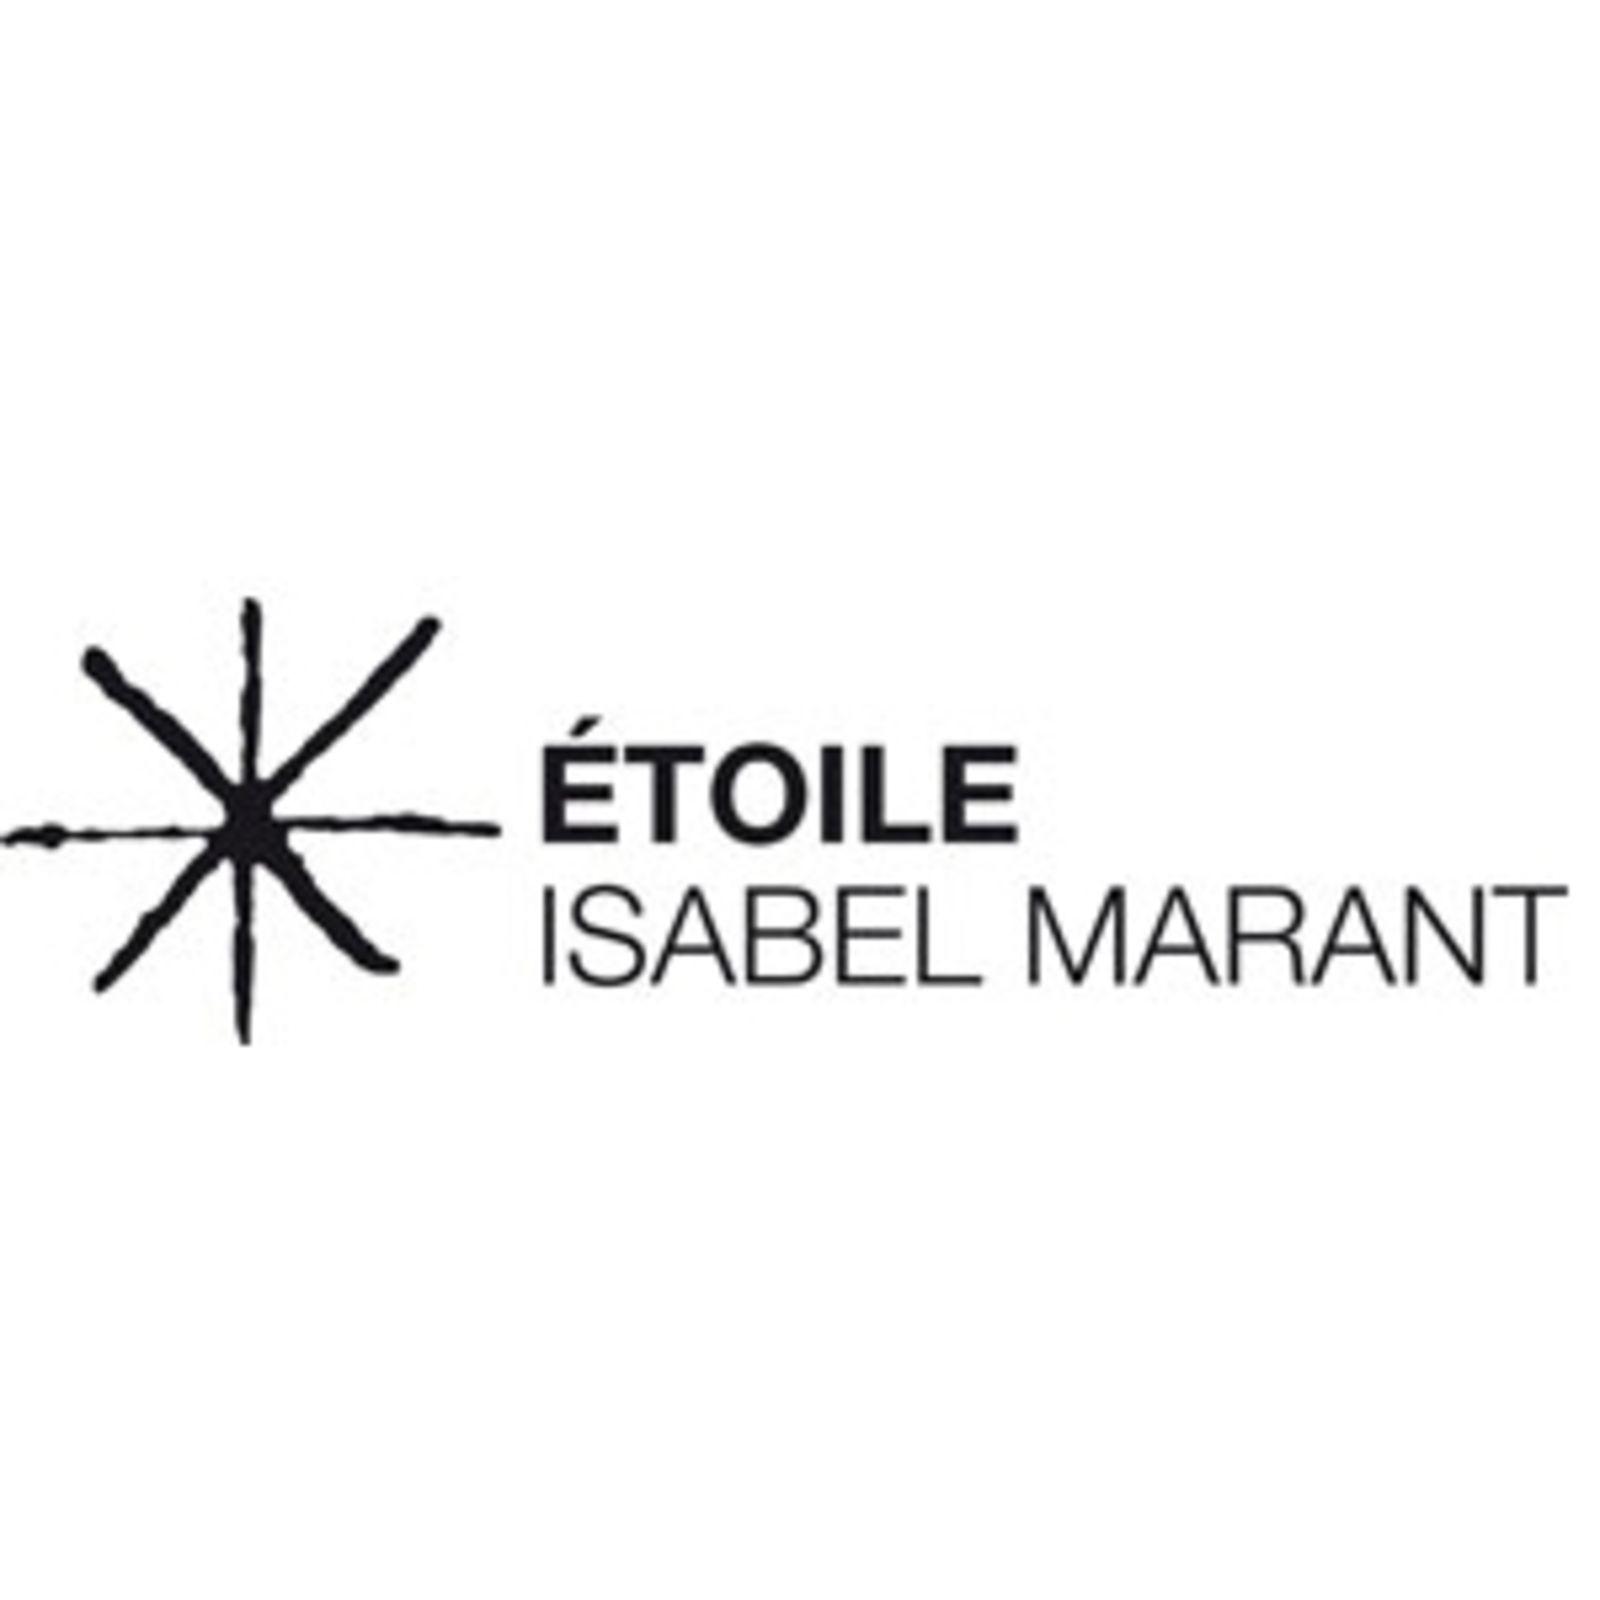 ISABEL MARANT ÉTOILE